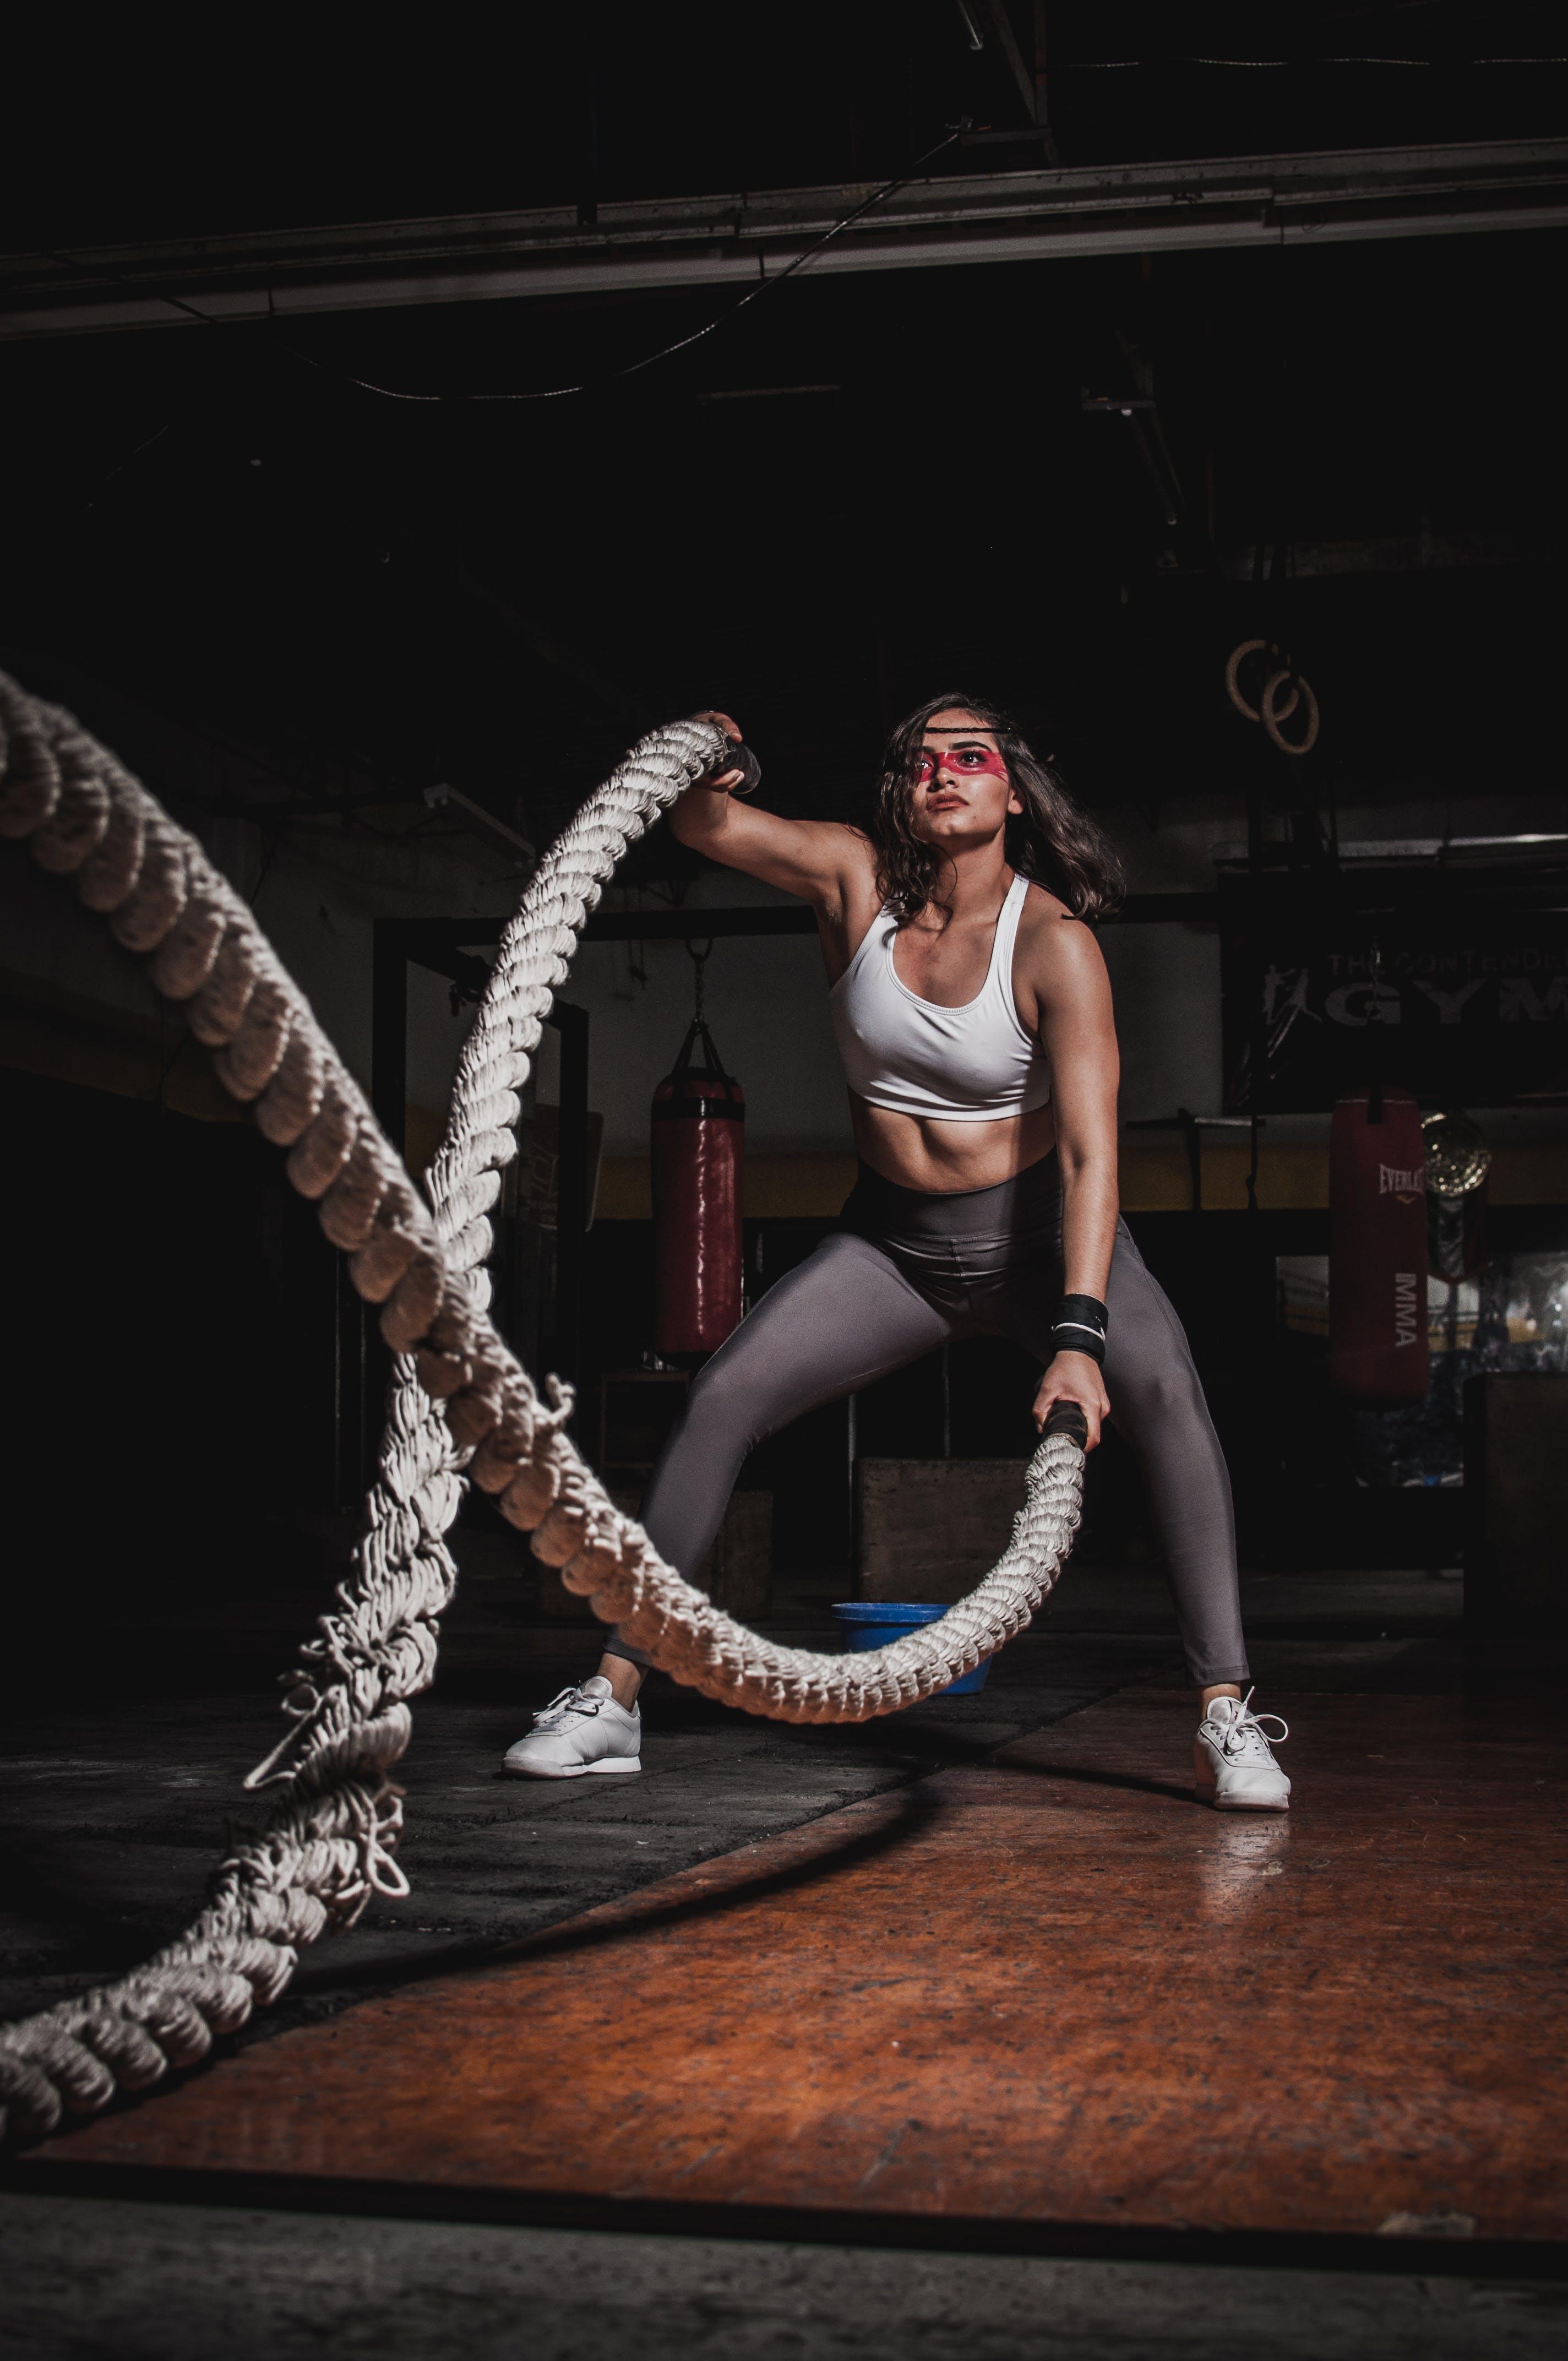 Fotos de stock gratuitas de atuendo, cuerdas, desgaste, fuerza